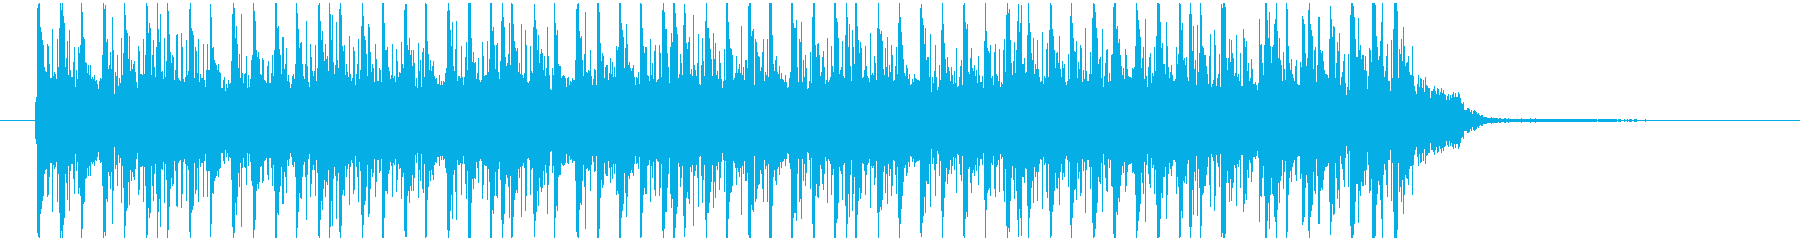 激情的なハードメタルの再生済みの波形